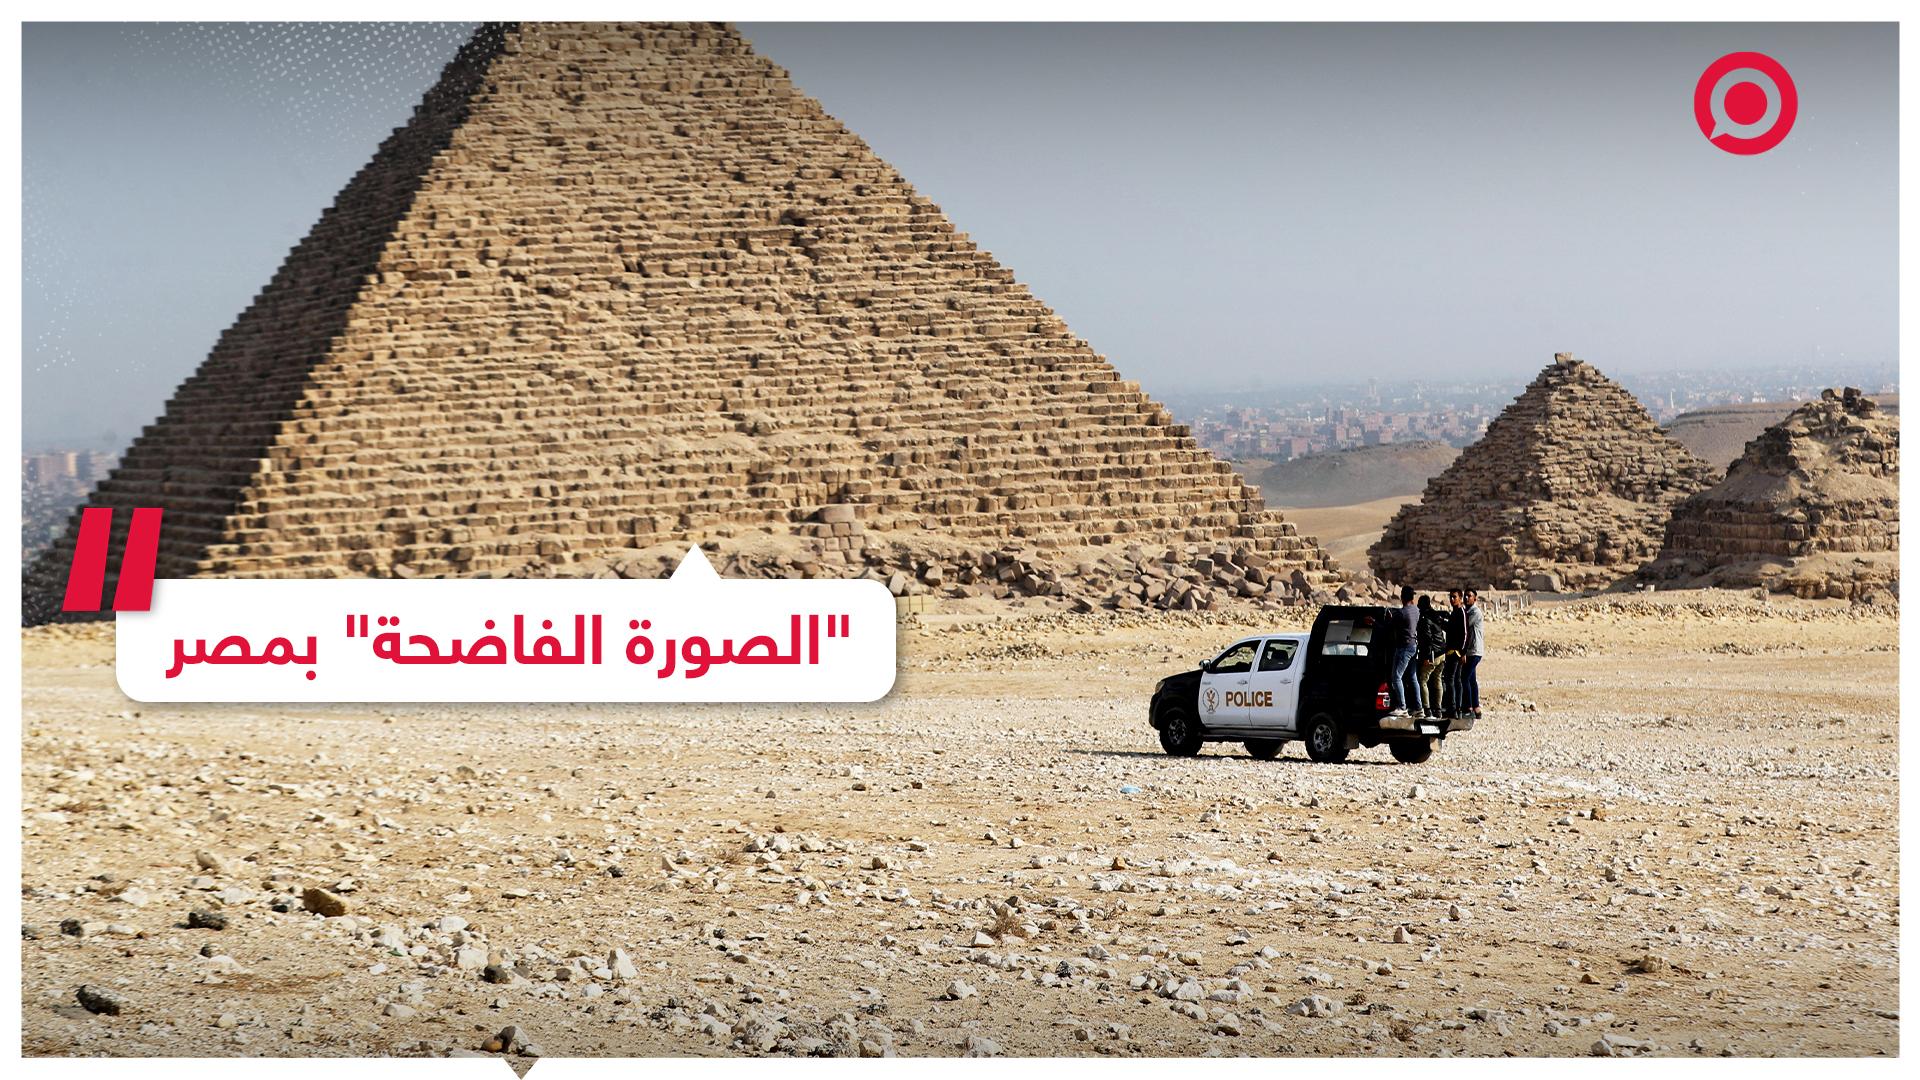 #مصر #صورة #مجتمع